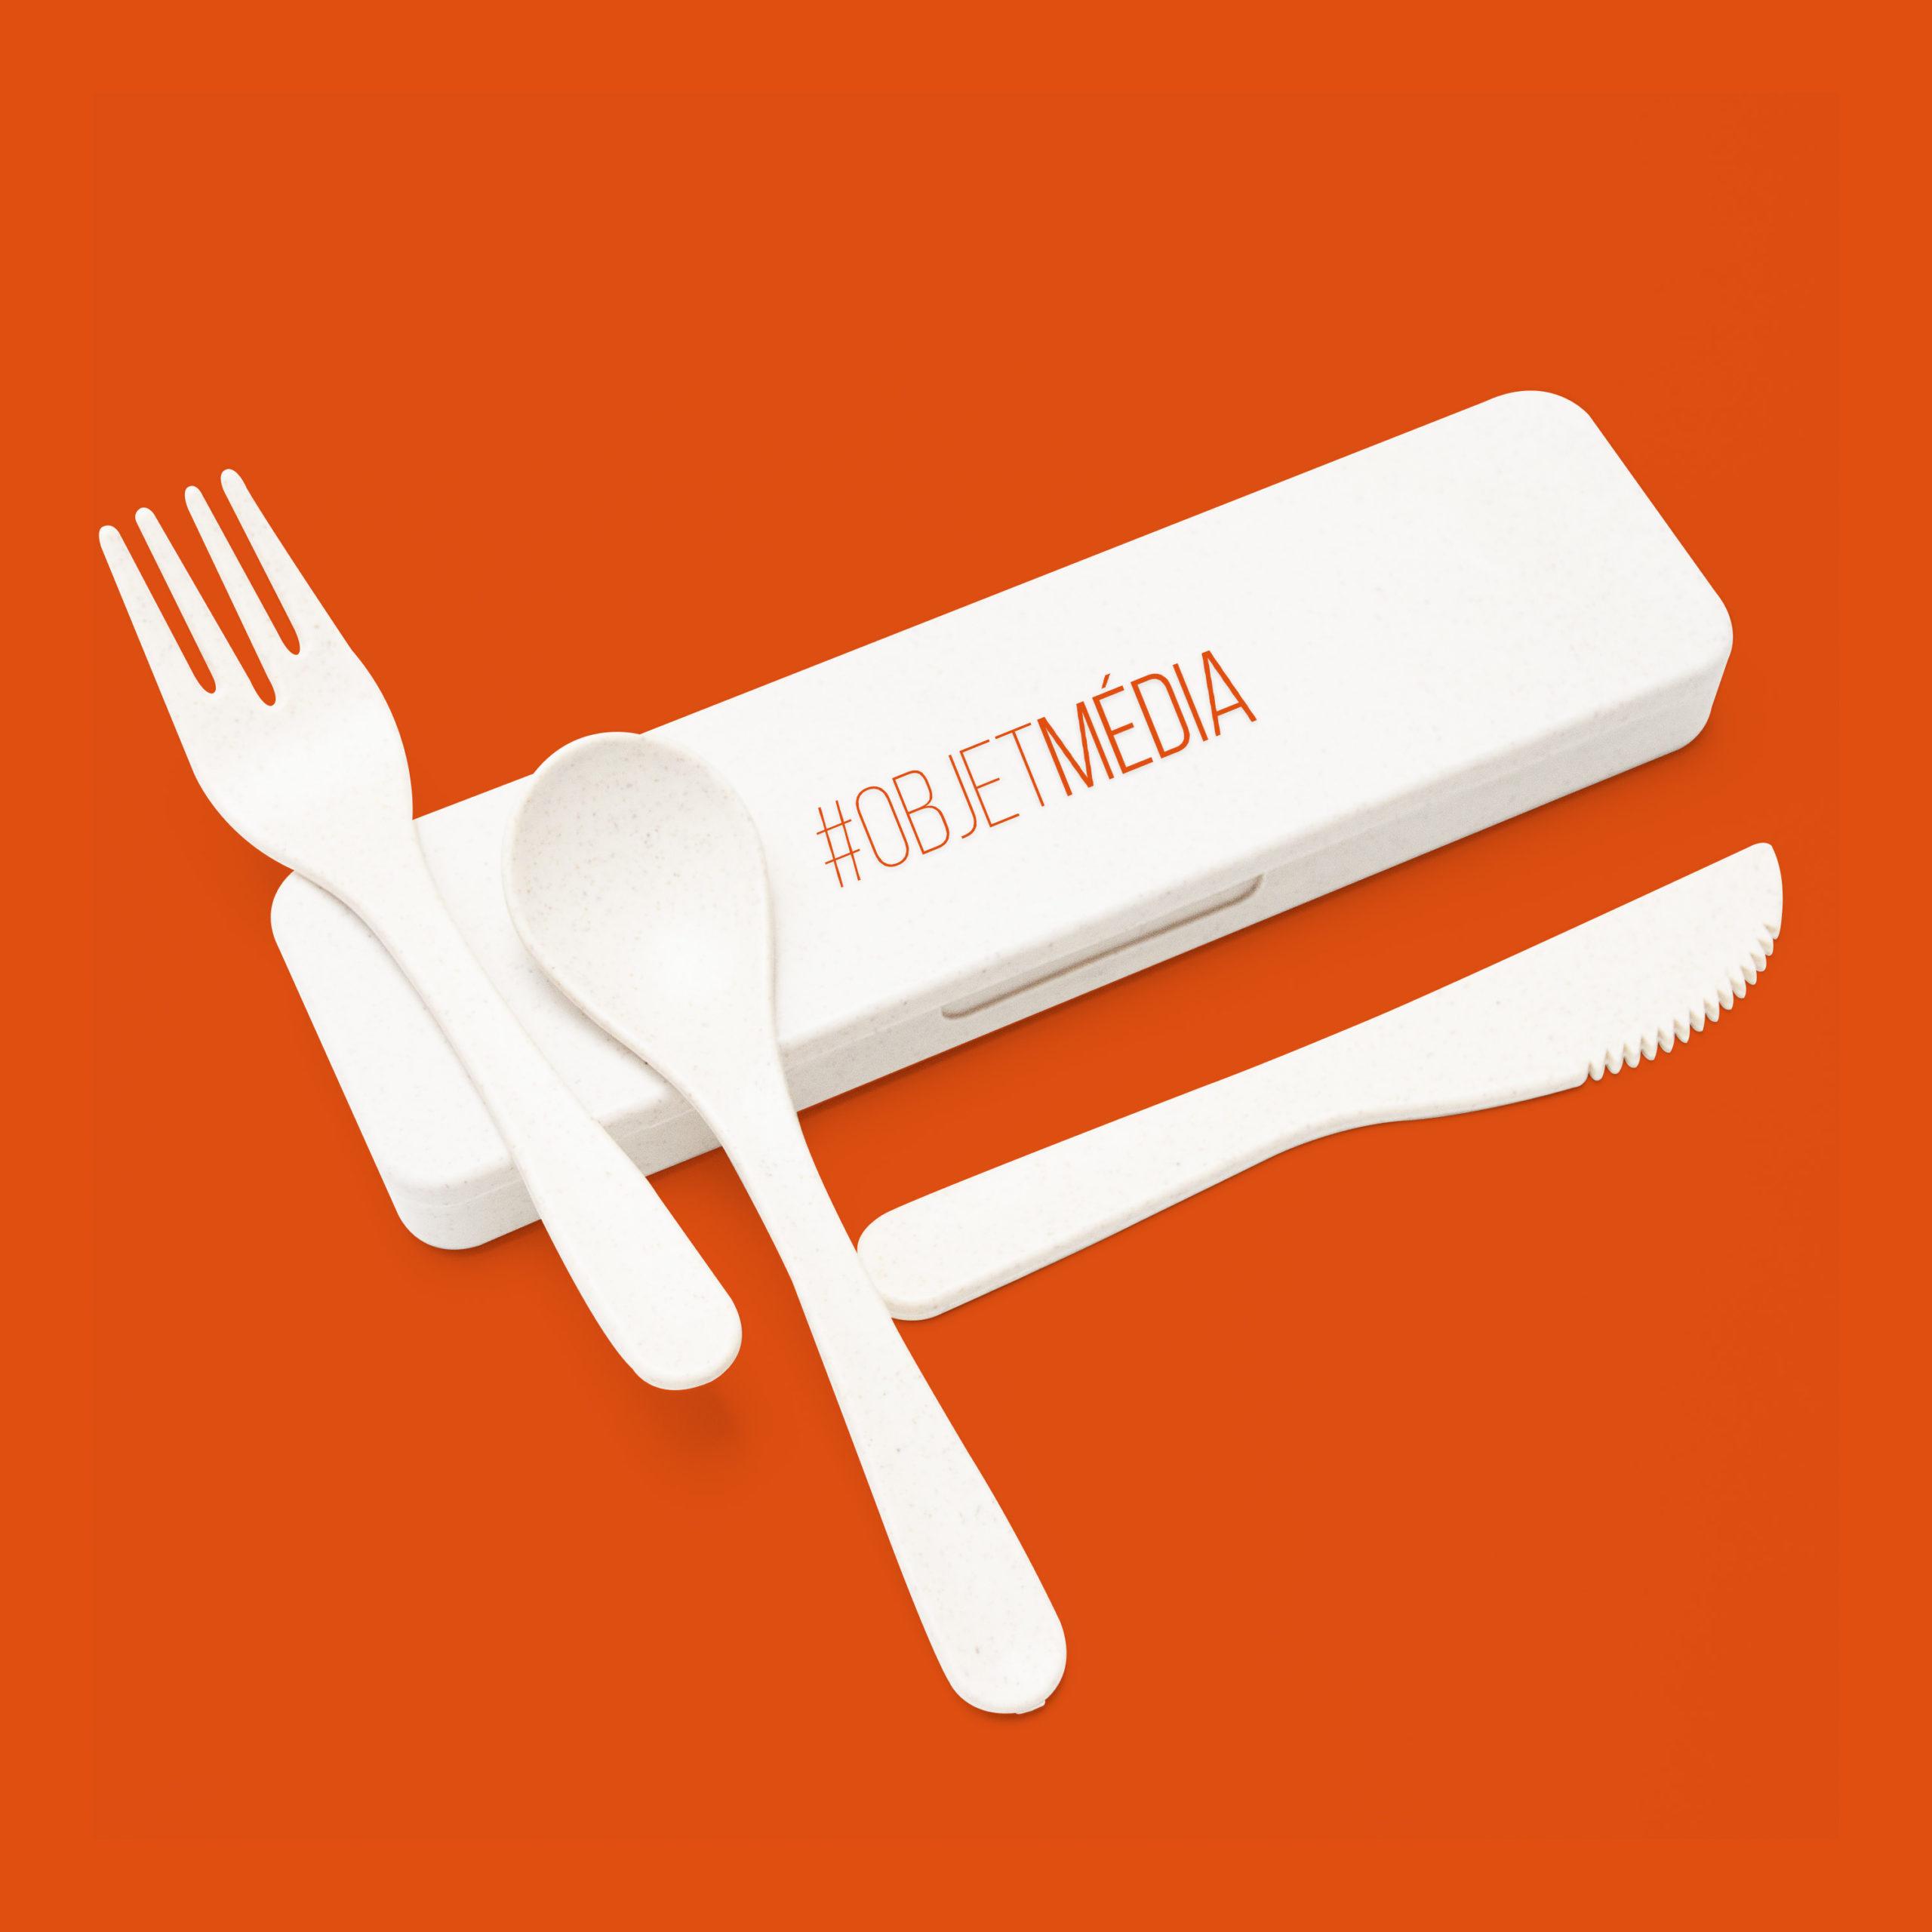 Des objets médias pour passer à table personnalisés avec logo d'entreprise